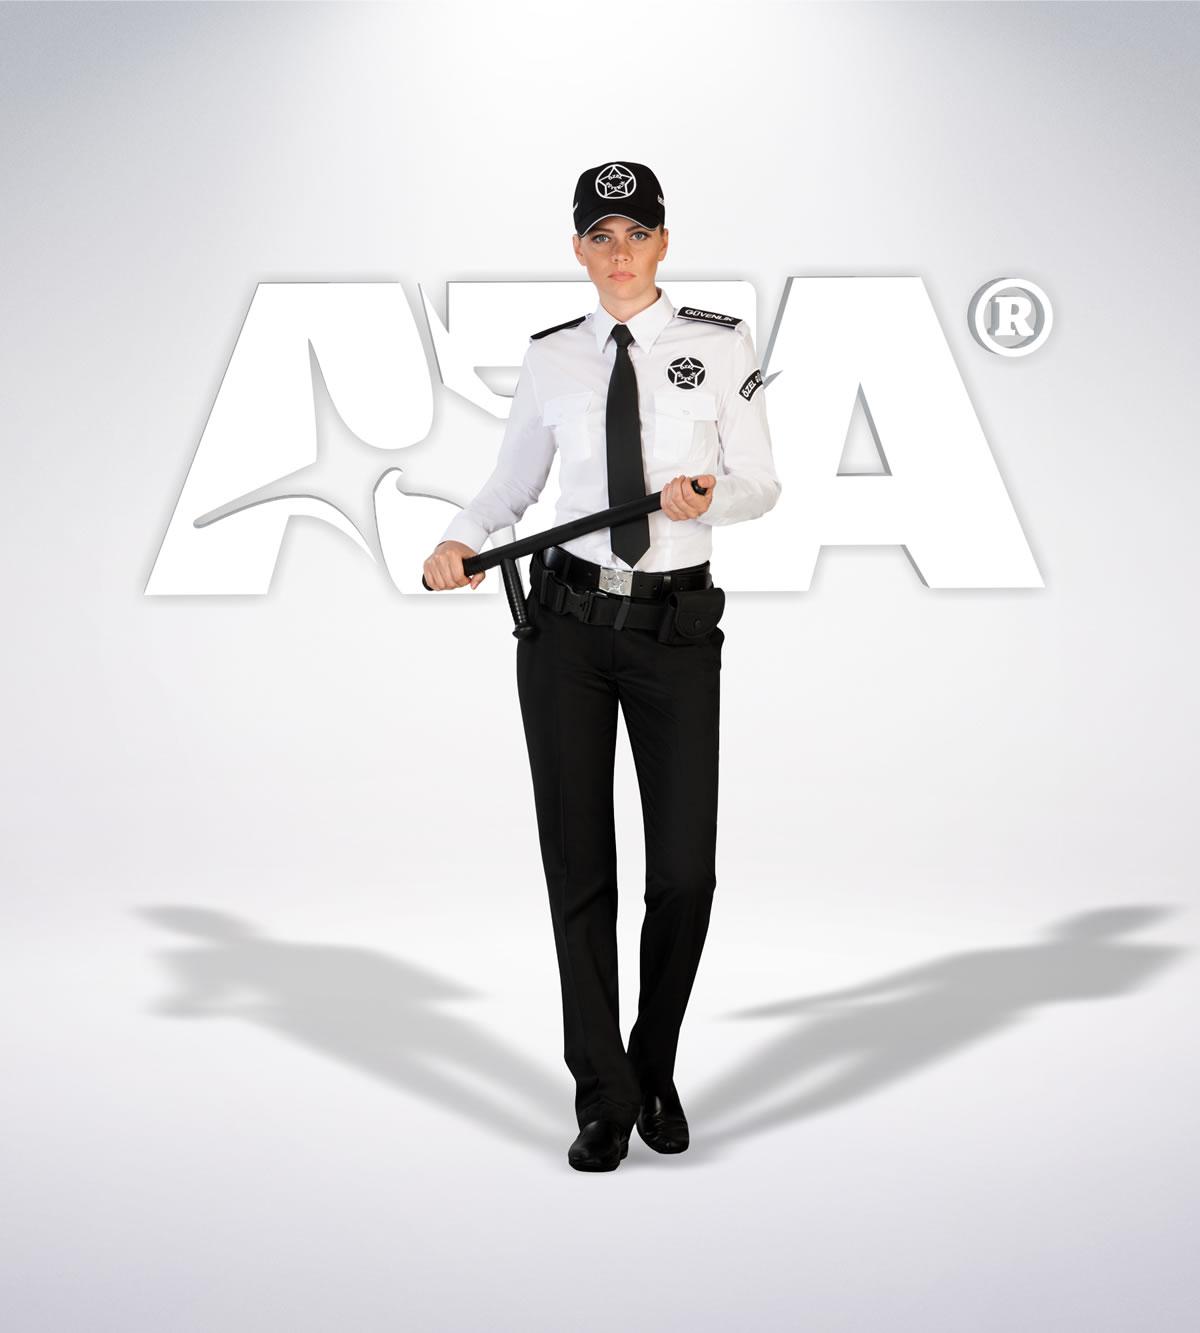 ATA 136 - Pantolon kışlık - gömlek yazlık-kışlık - aksesuar - güvenlik elbiseleri | güvenlik üniformaları | güvenlik kıyafetleri